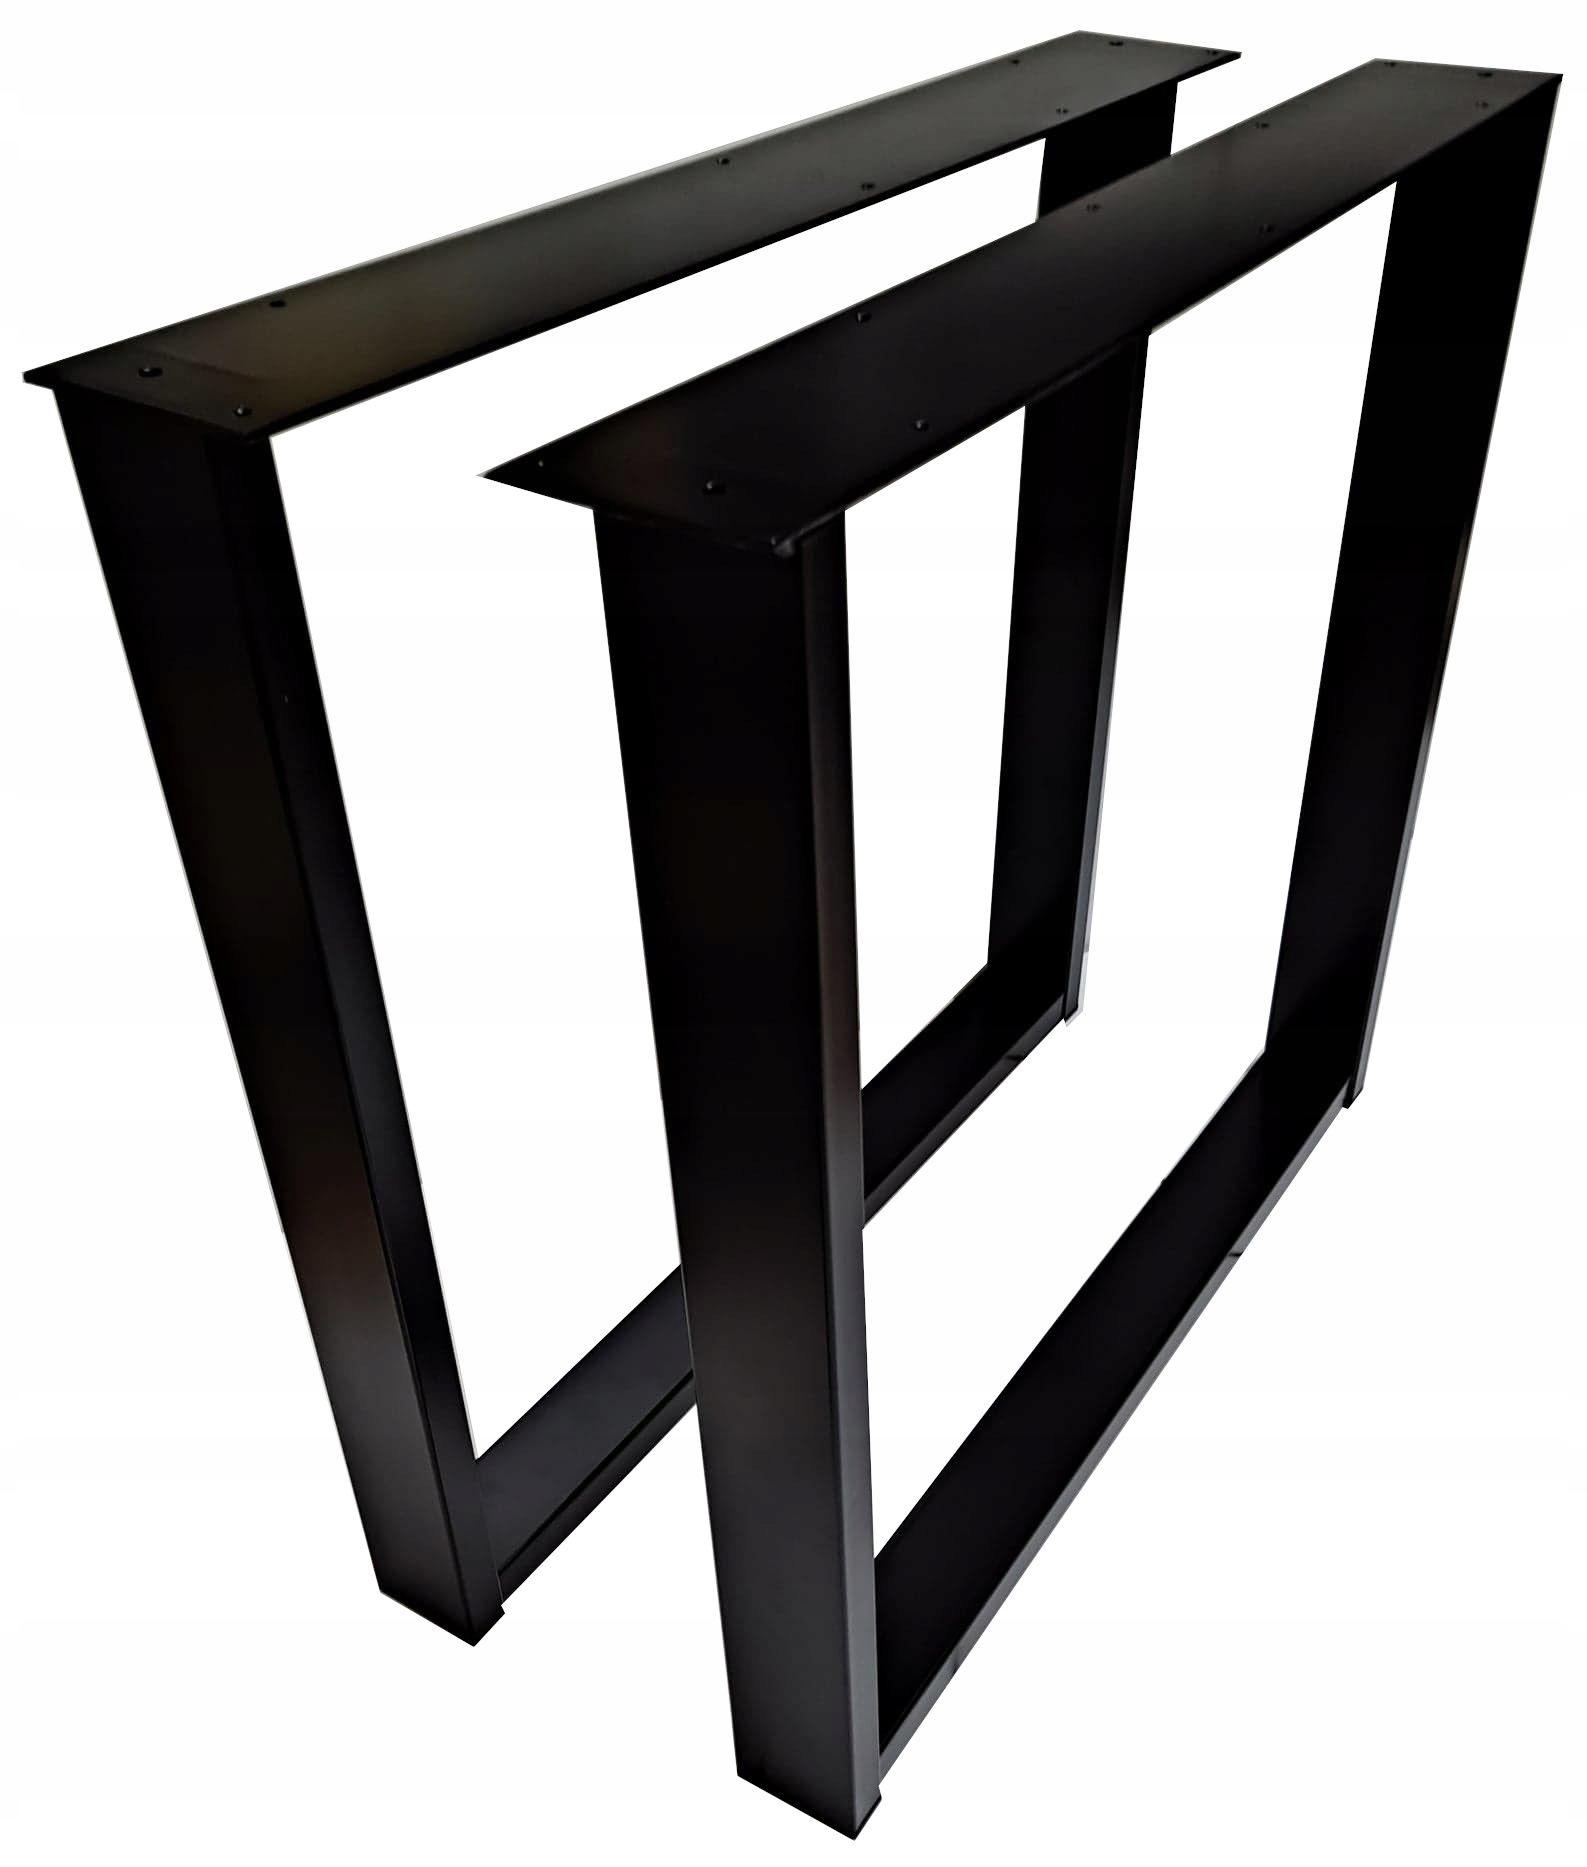 Ножка обеденного стола стальная черная NG-023.89